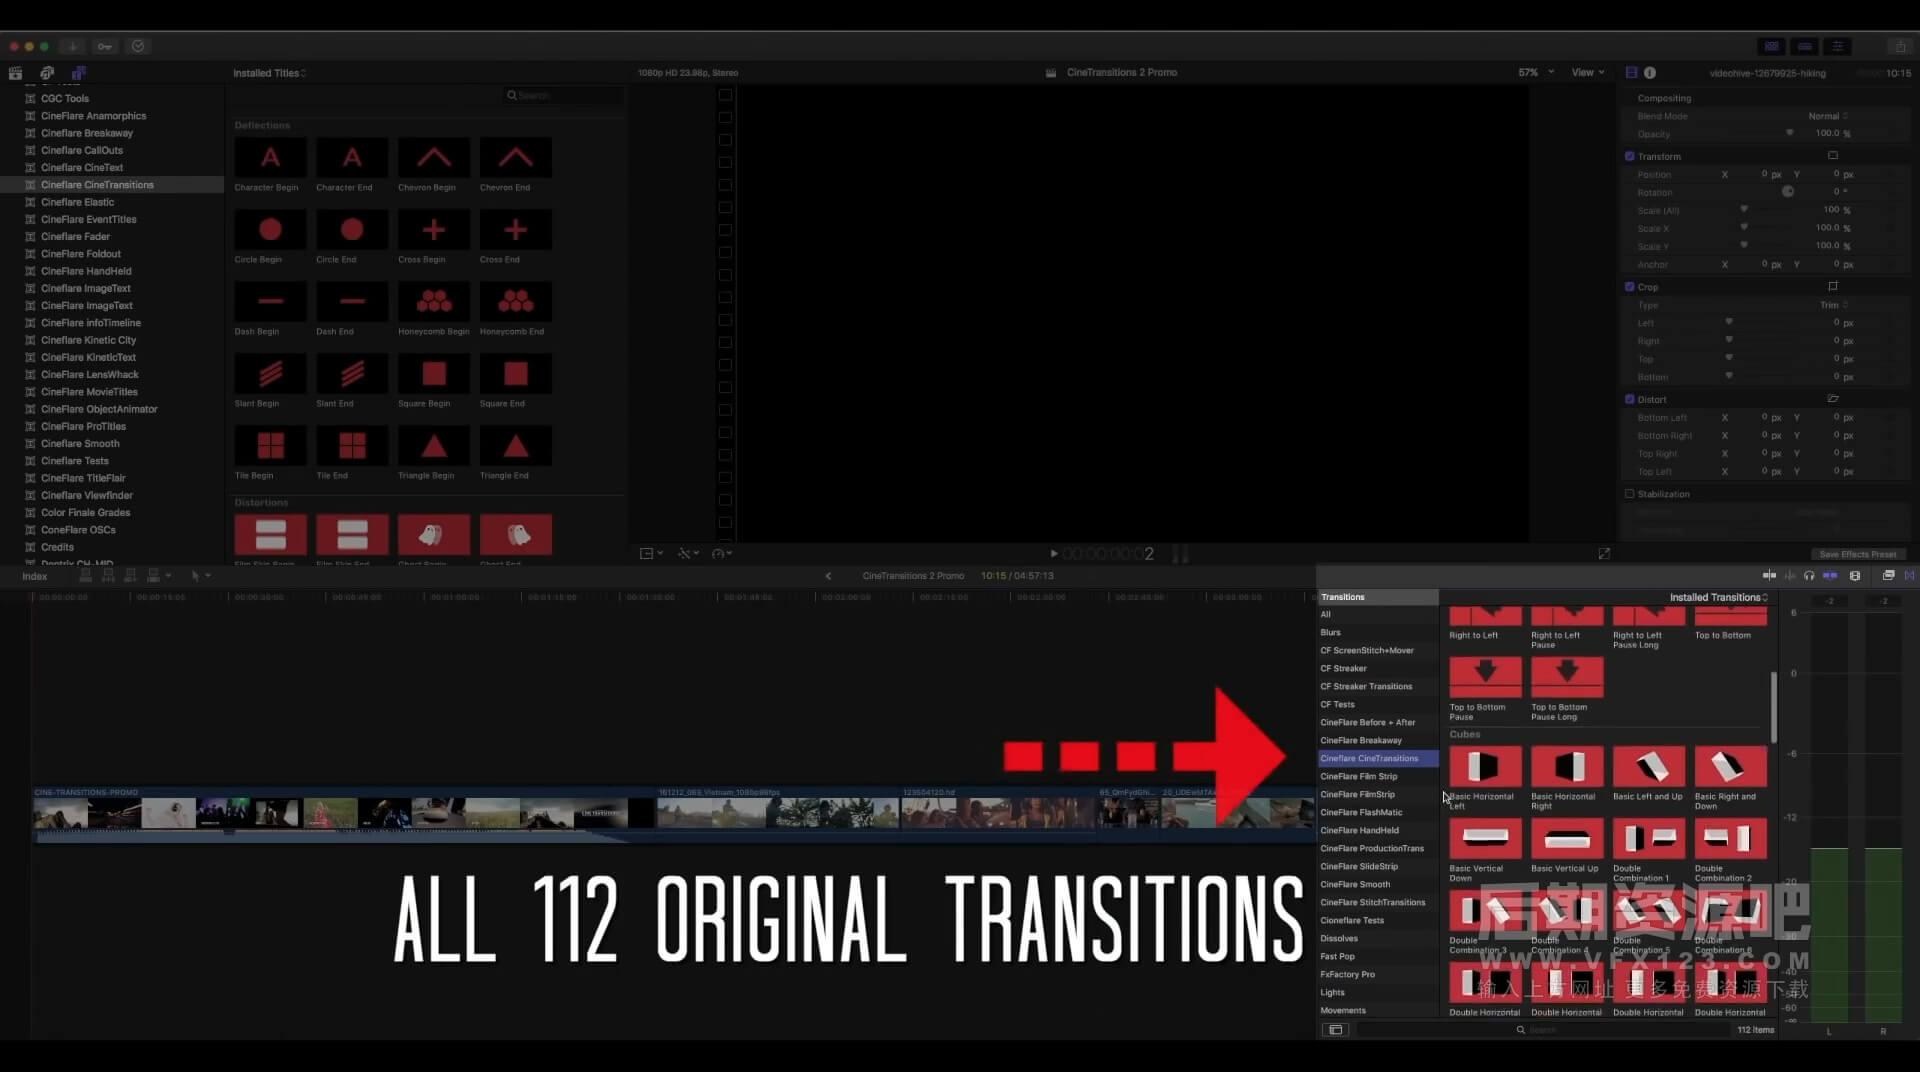 Fcpx转场插件 100+动感流行快速多分类过渡转场 支持M1芯片 CineTransitions